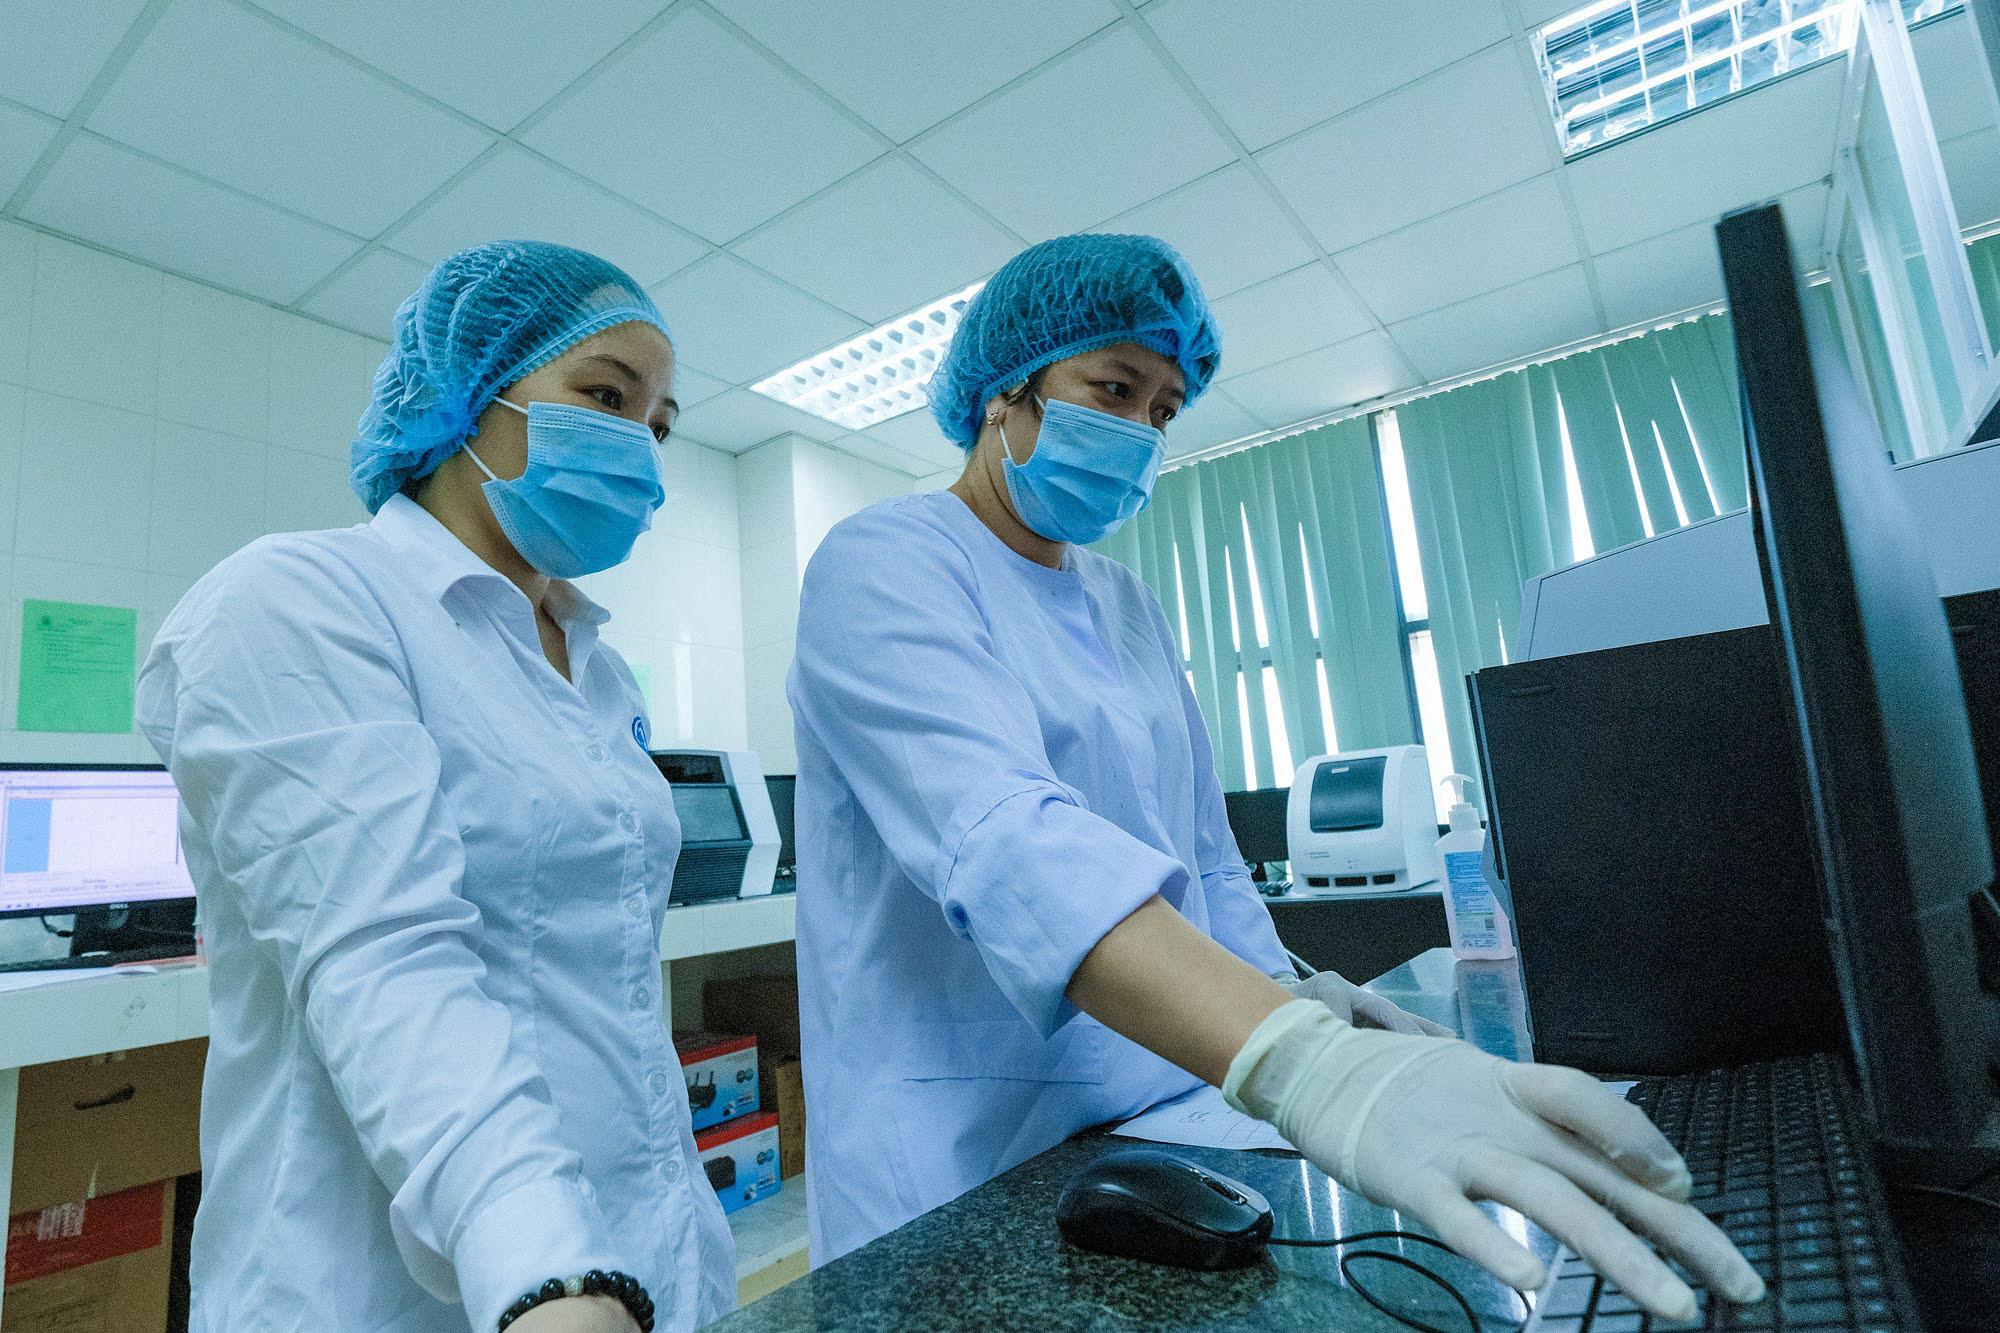 CDC Hà Nội: Nơi nóng mấy cũng chịu, không bật quạt vì sợ virus 'bay tứ tung' - Ảnh 16.